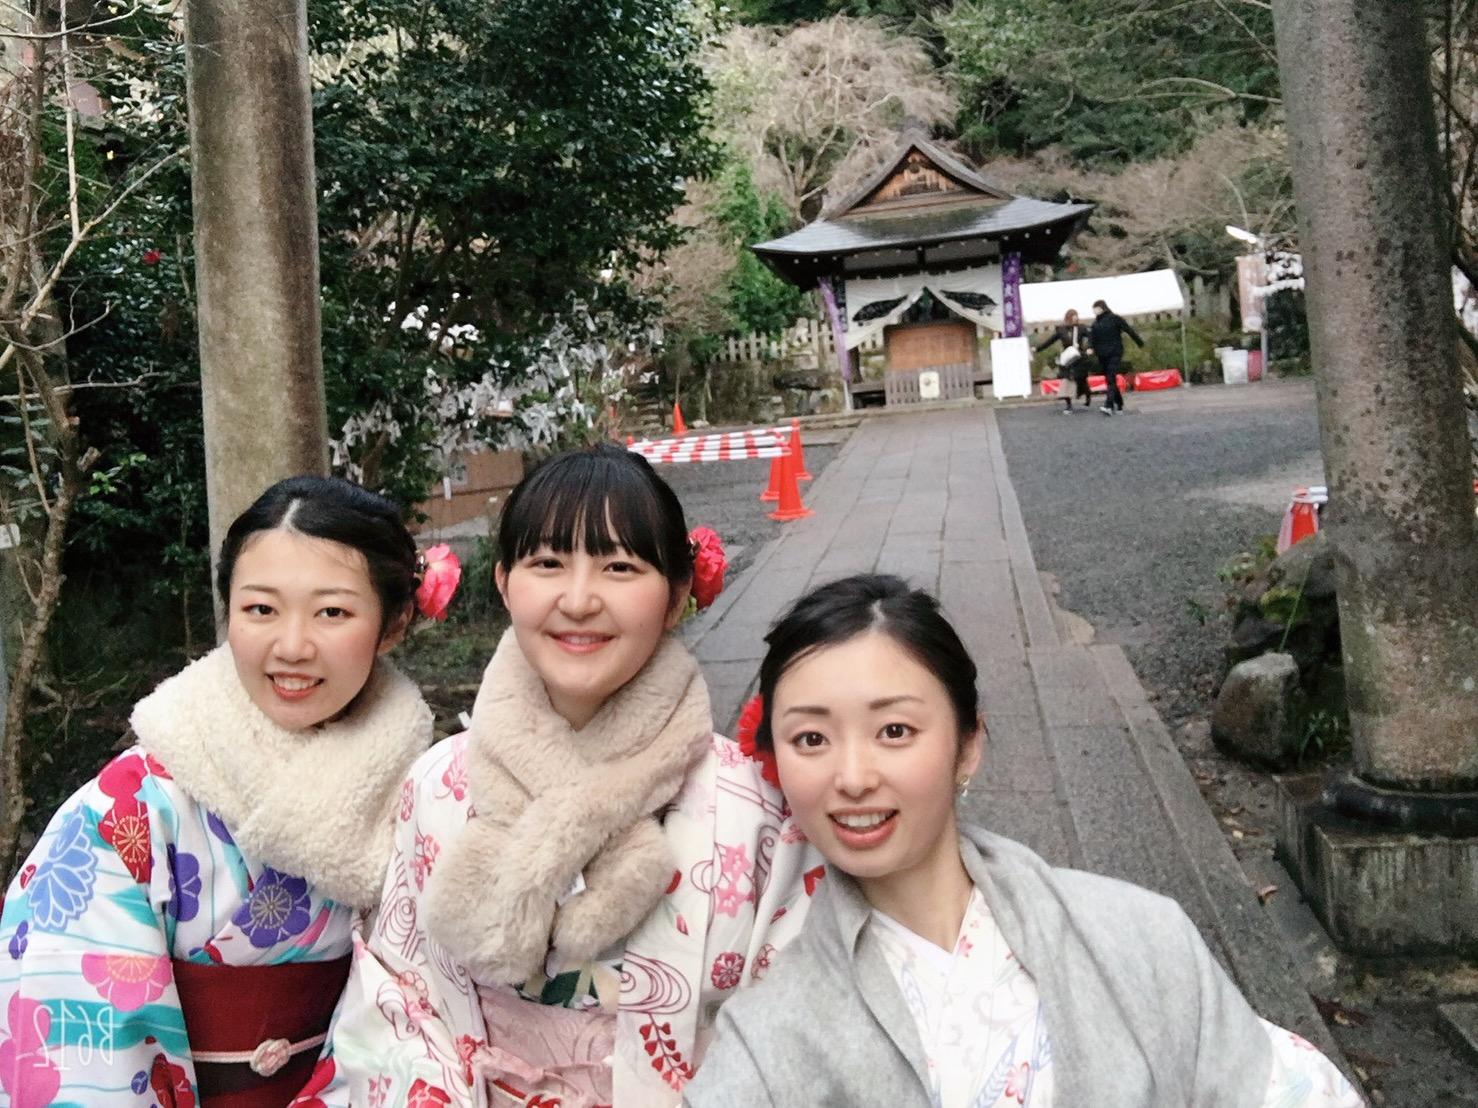 狛ねずみの大豊神社(おおとよじんじゃ)2020年1月15日7